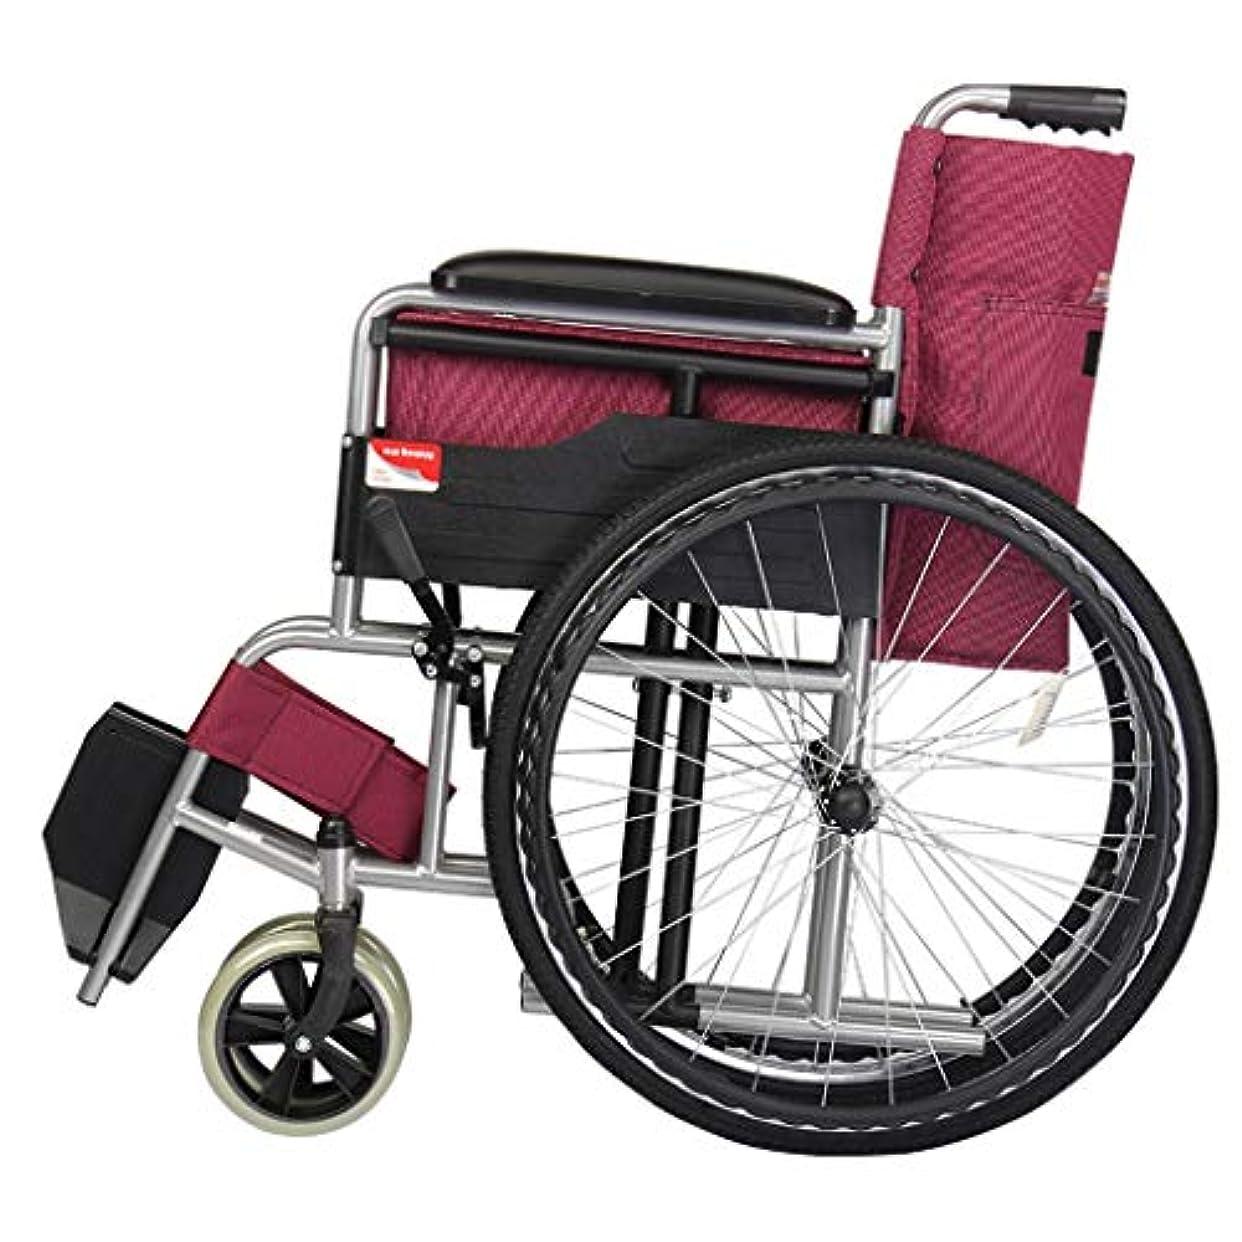 代わりに十分な一般ハンドプッシュ車椅子、折りたたみ式ファミリーソフトシート車椅子、快適な老人旅行用車椅子